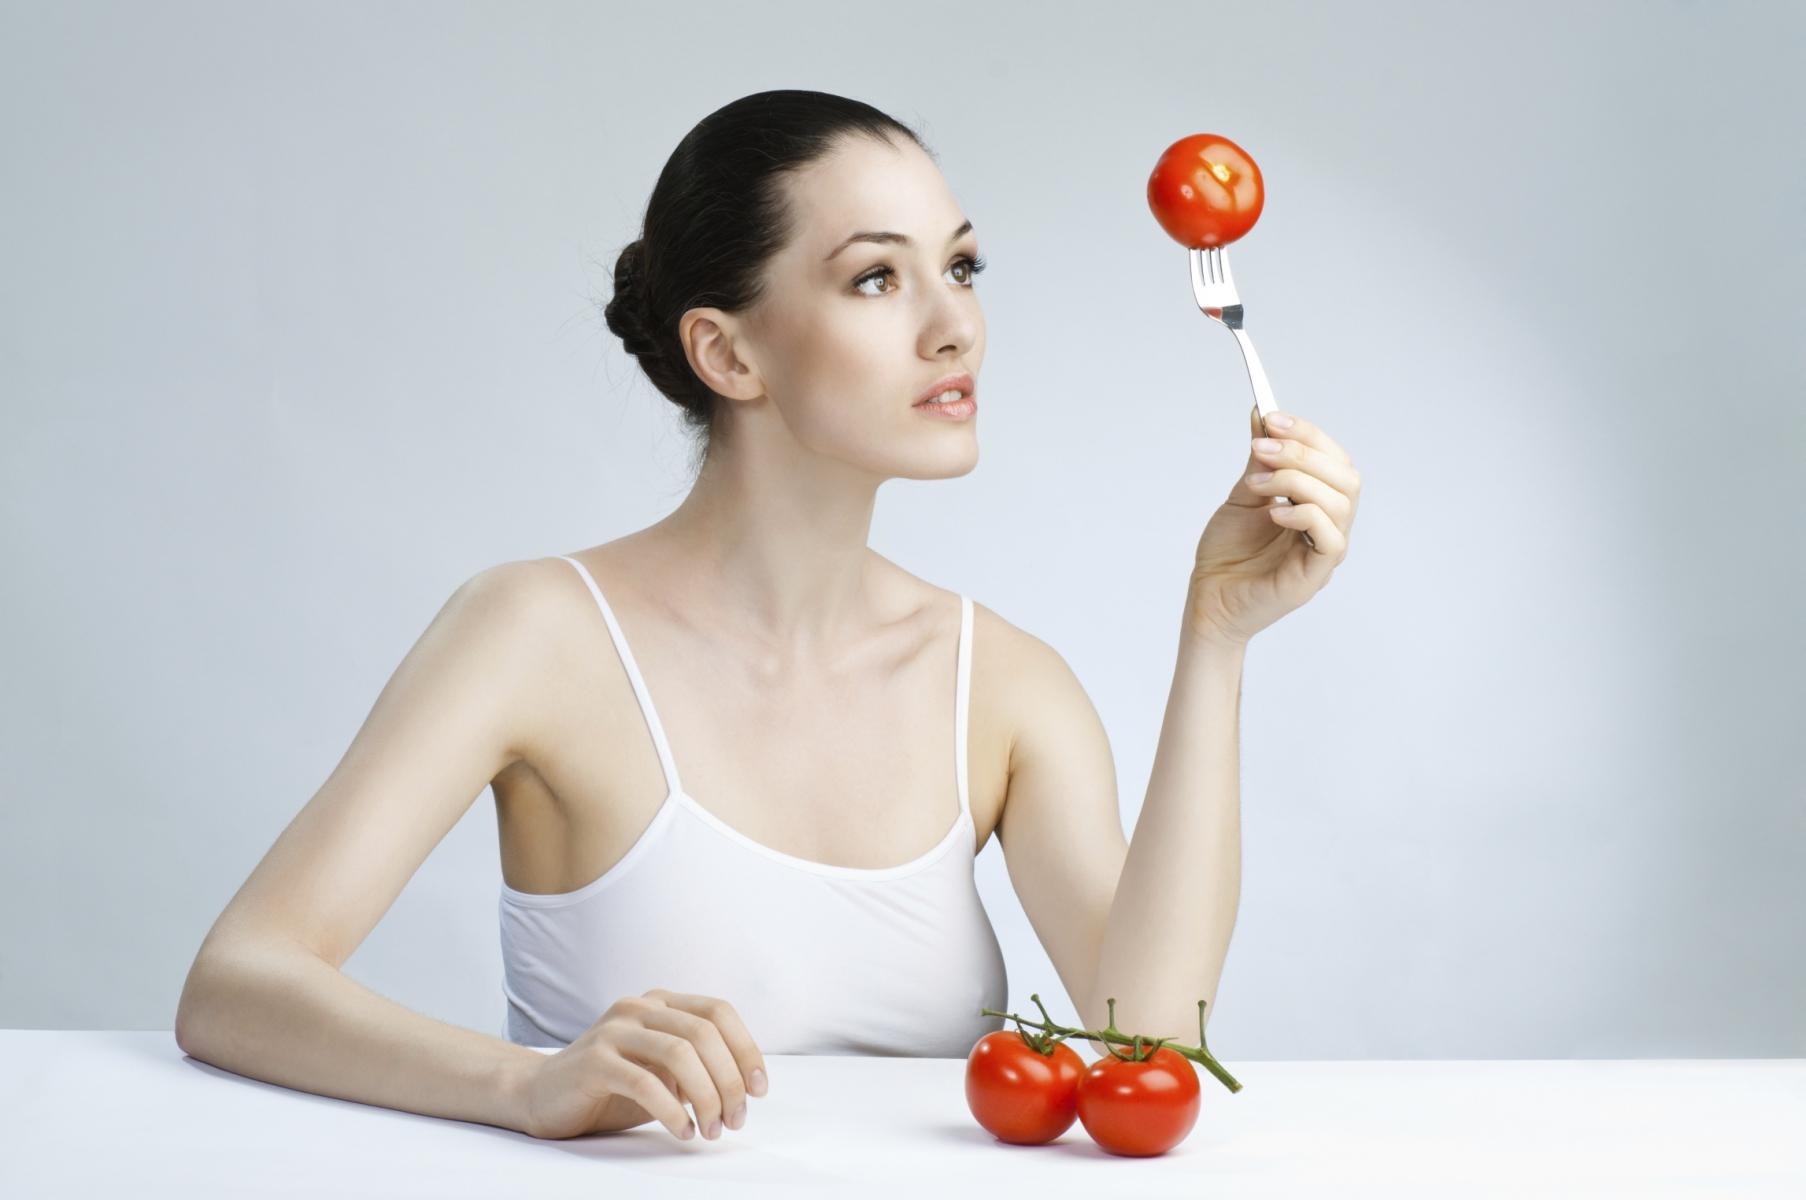 Подбор диеты при слабом метаболизме